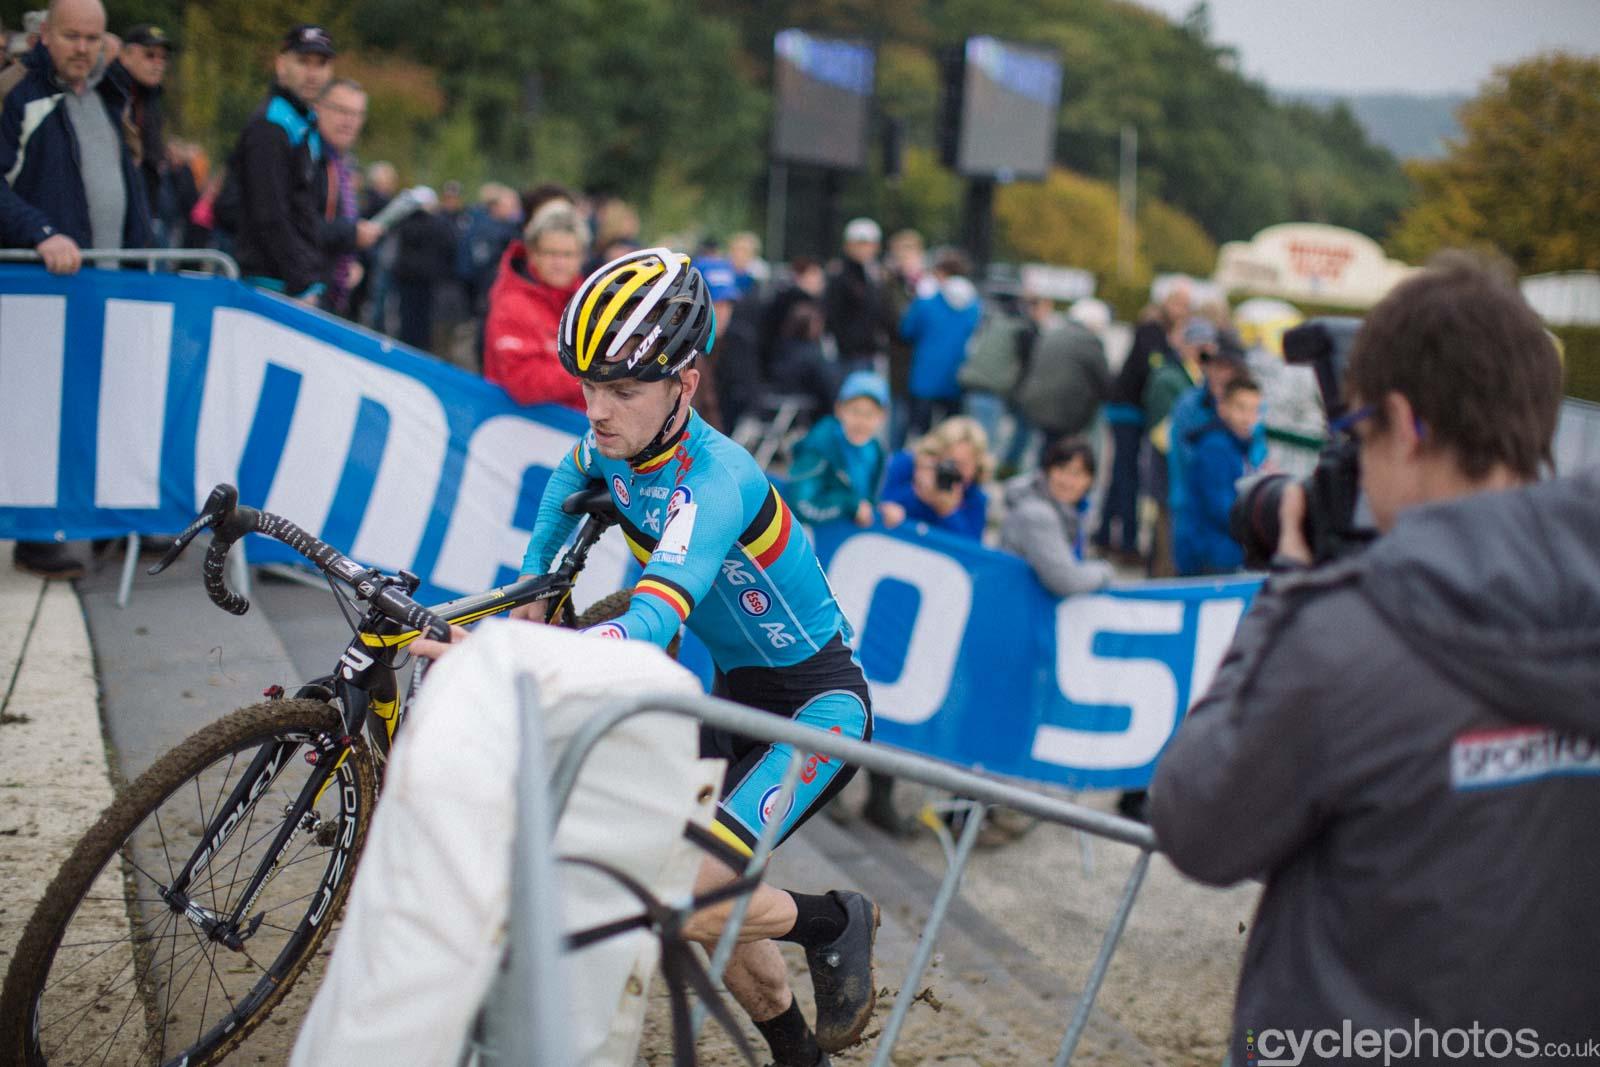 2015-cyclephotos-cyclocross-valkenburg-120344-eli-iserbyt